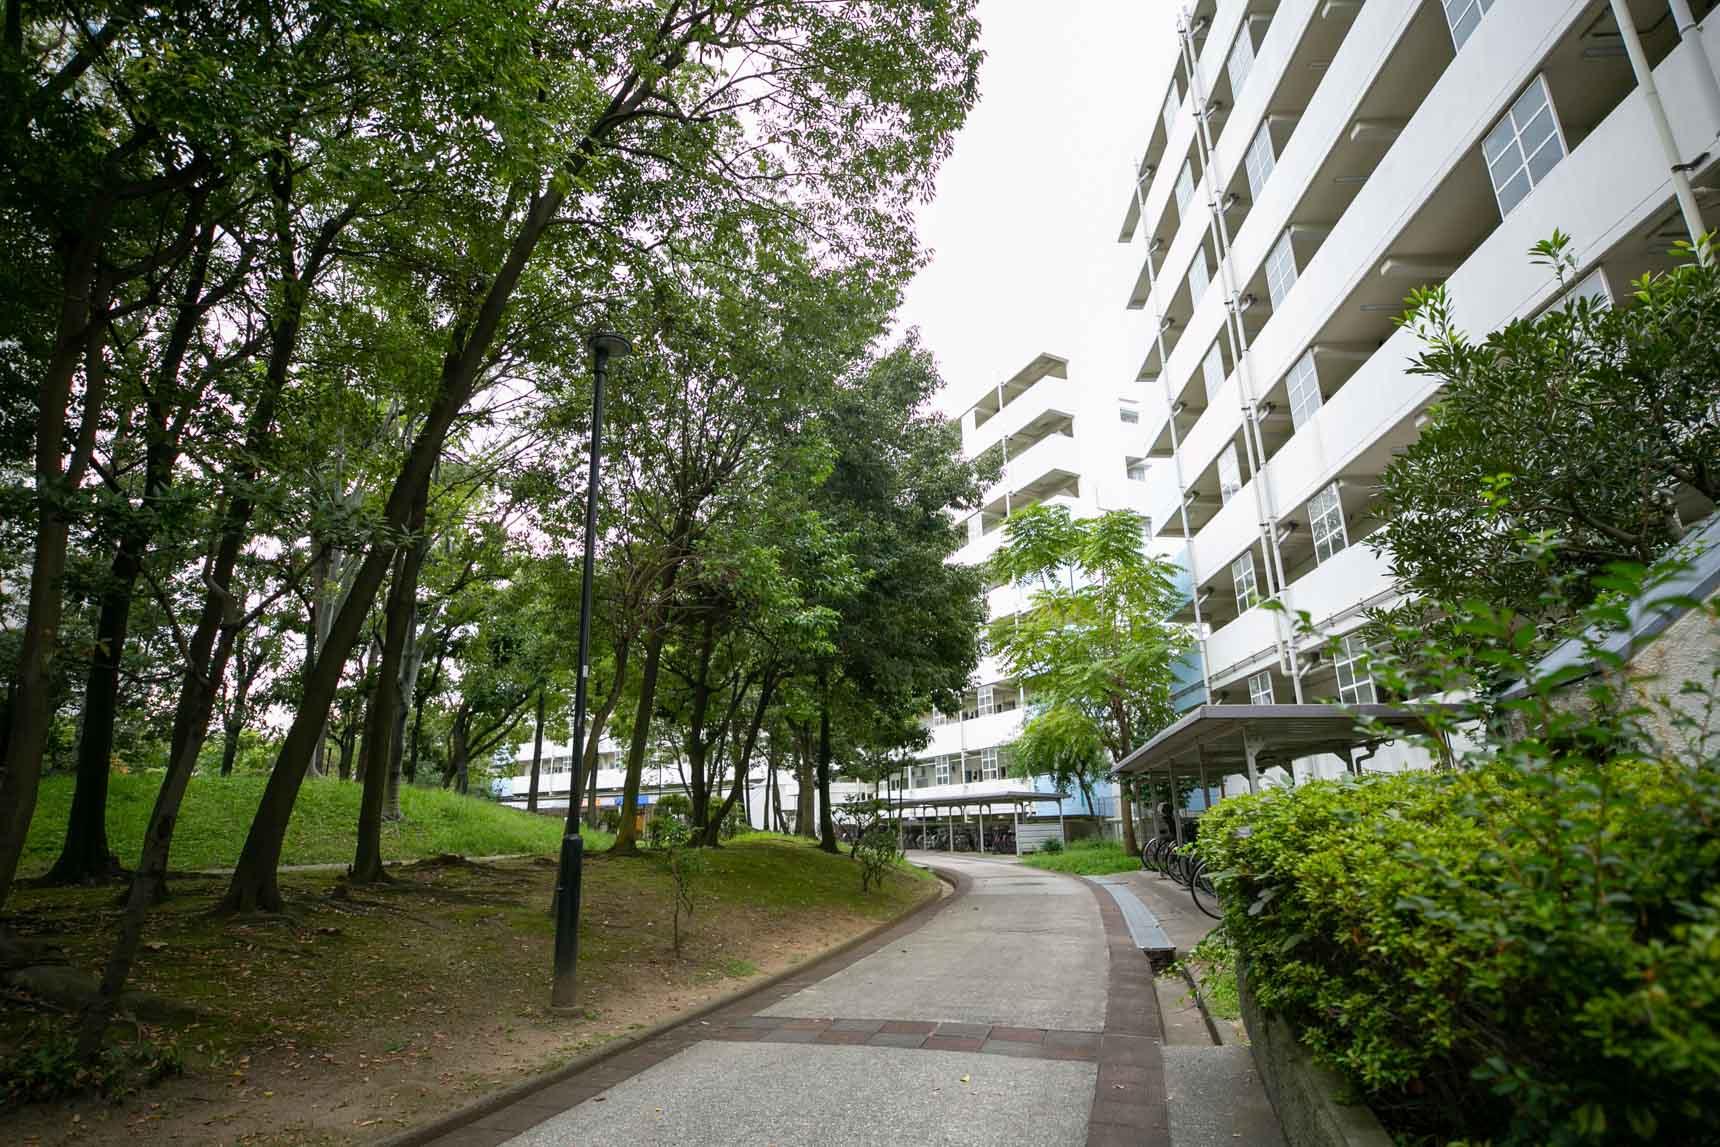 住棟前の街路も広く、緑豊かで気持ち良いですね。